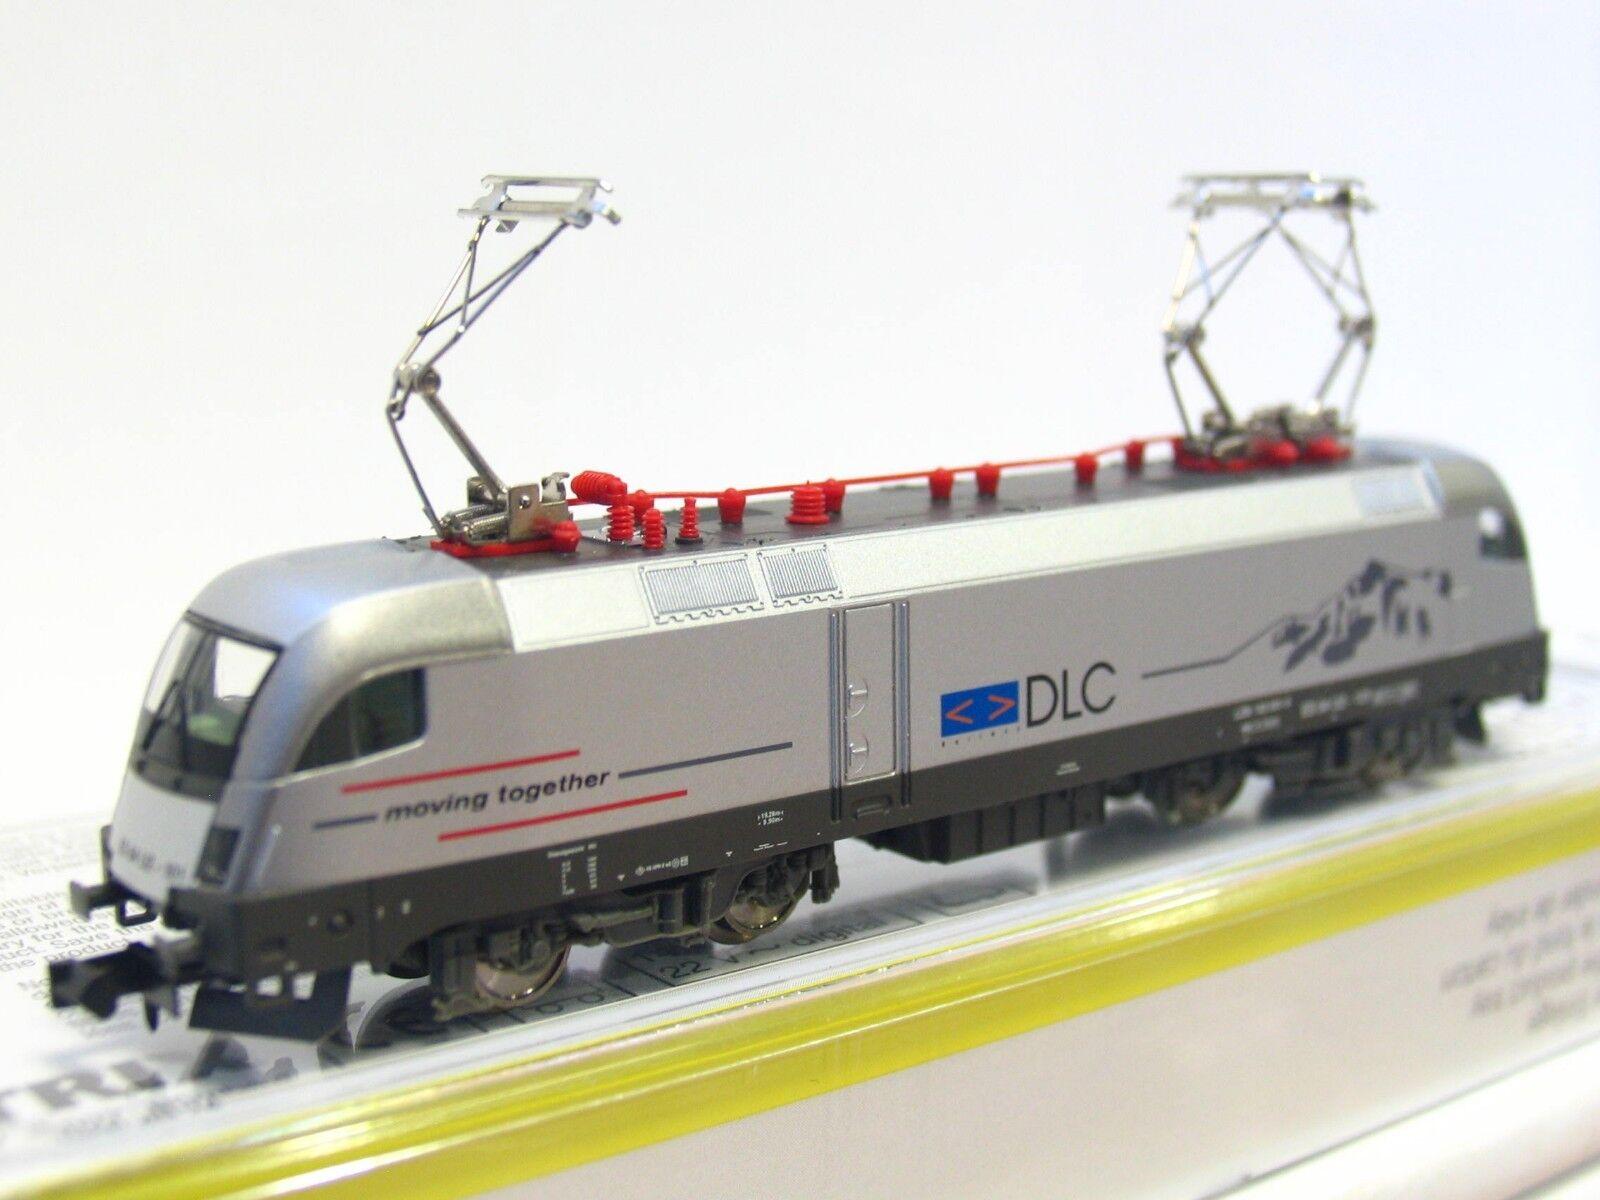 Minitrix N 12772 E-Lok Taurus Dispolok BR 182 601-5 DLC OVP (RB80)